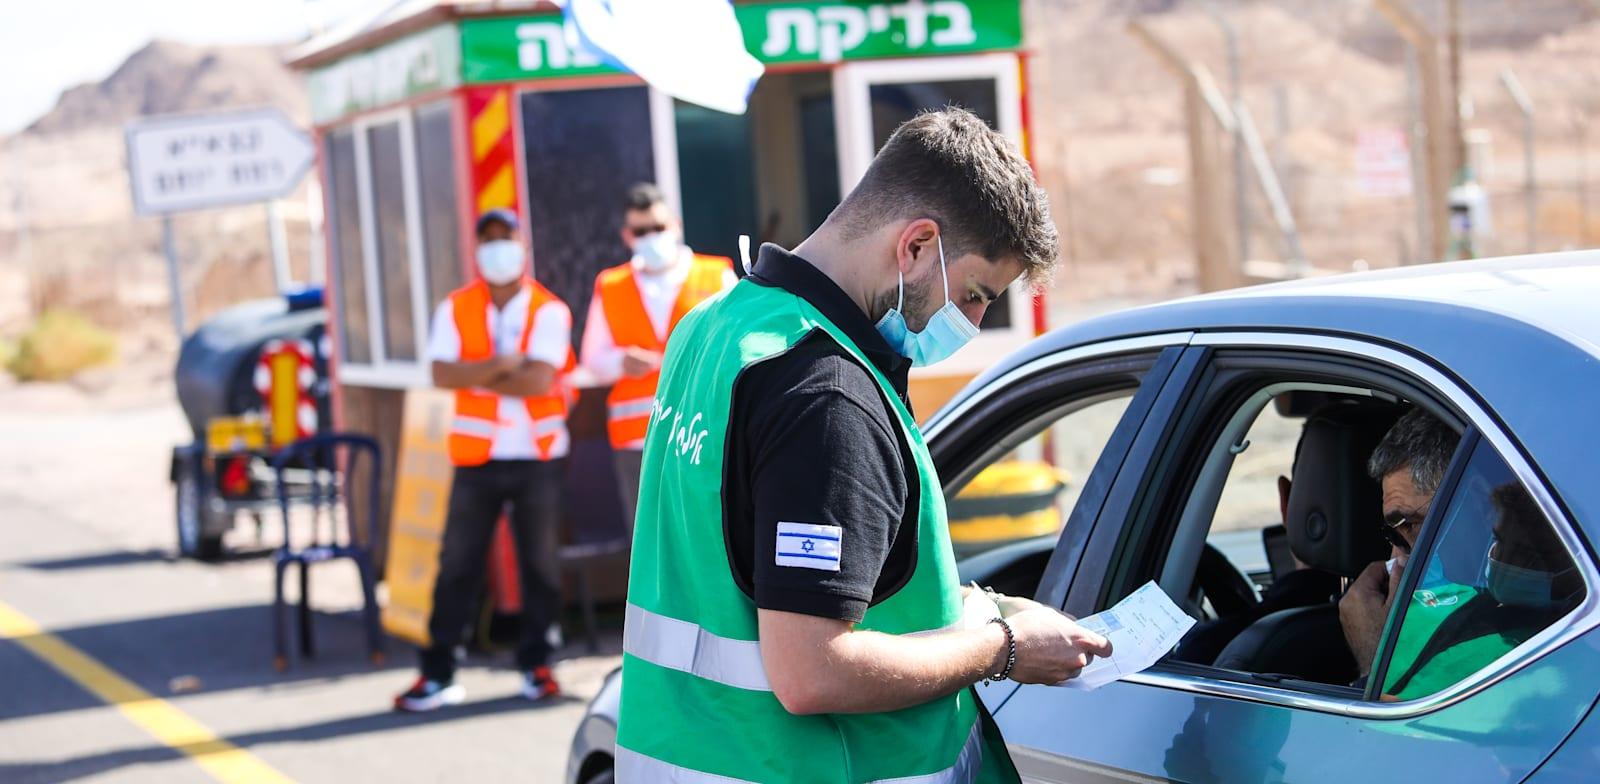 בדיקות קורונה בכניסה לאילת / צילום: שלומי יוסף